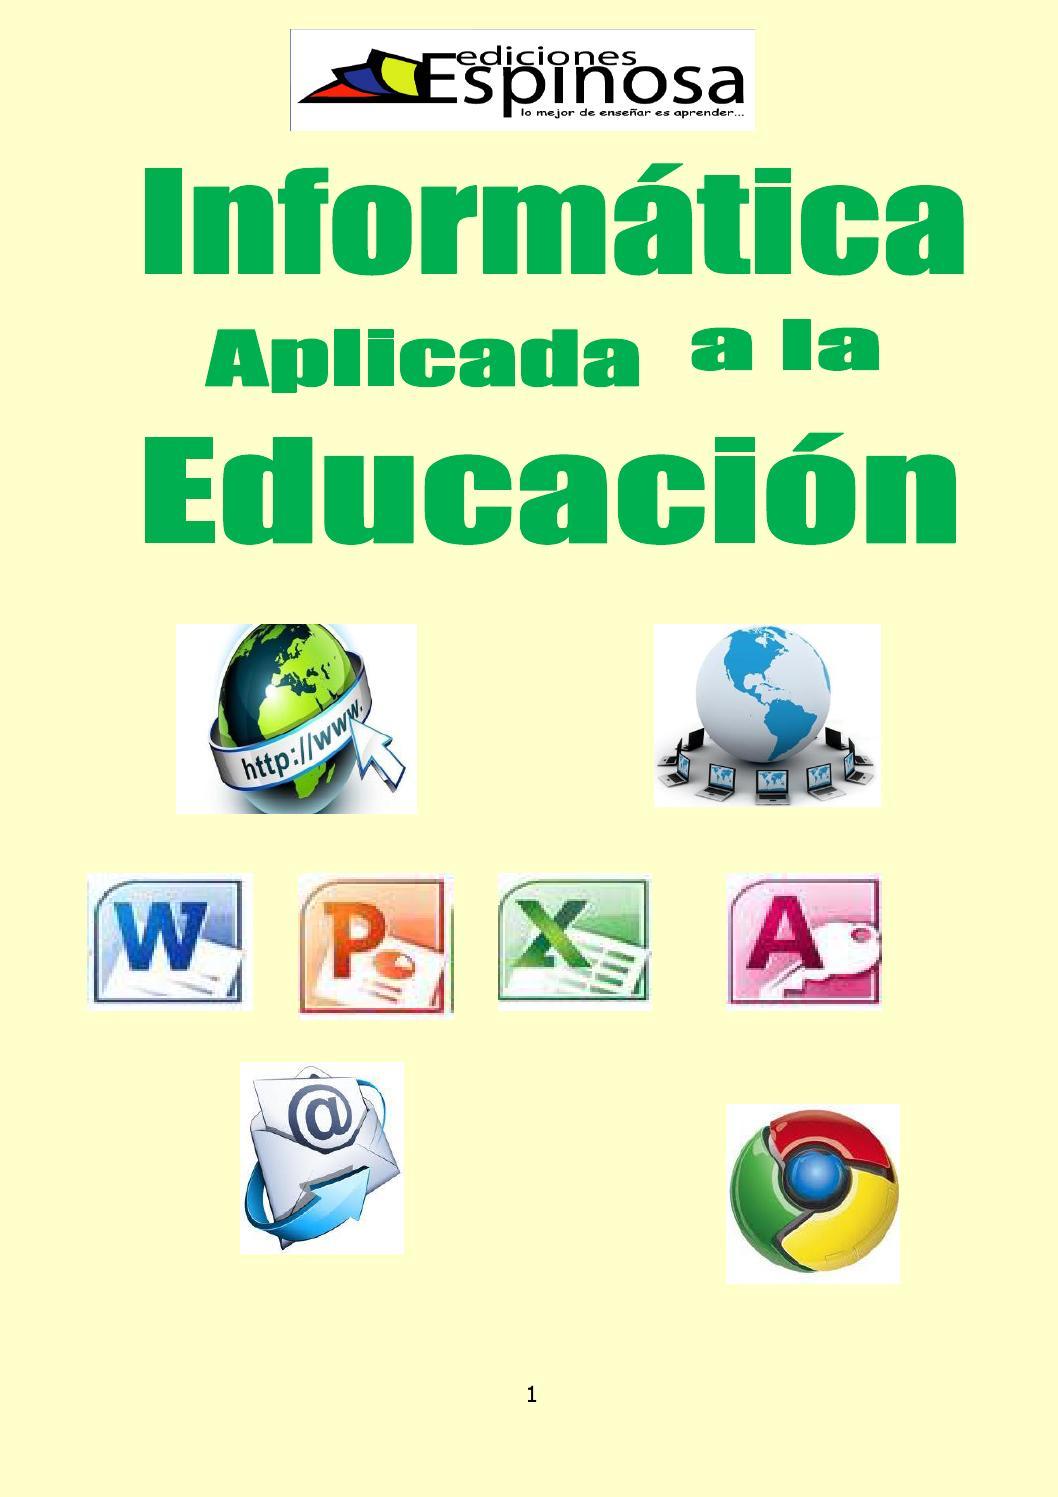 Informatica aplicada a la educacion version 2010 by Camilo Coreonel ...